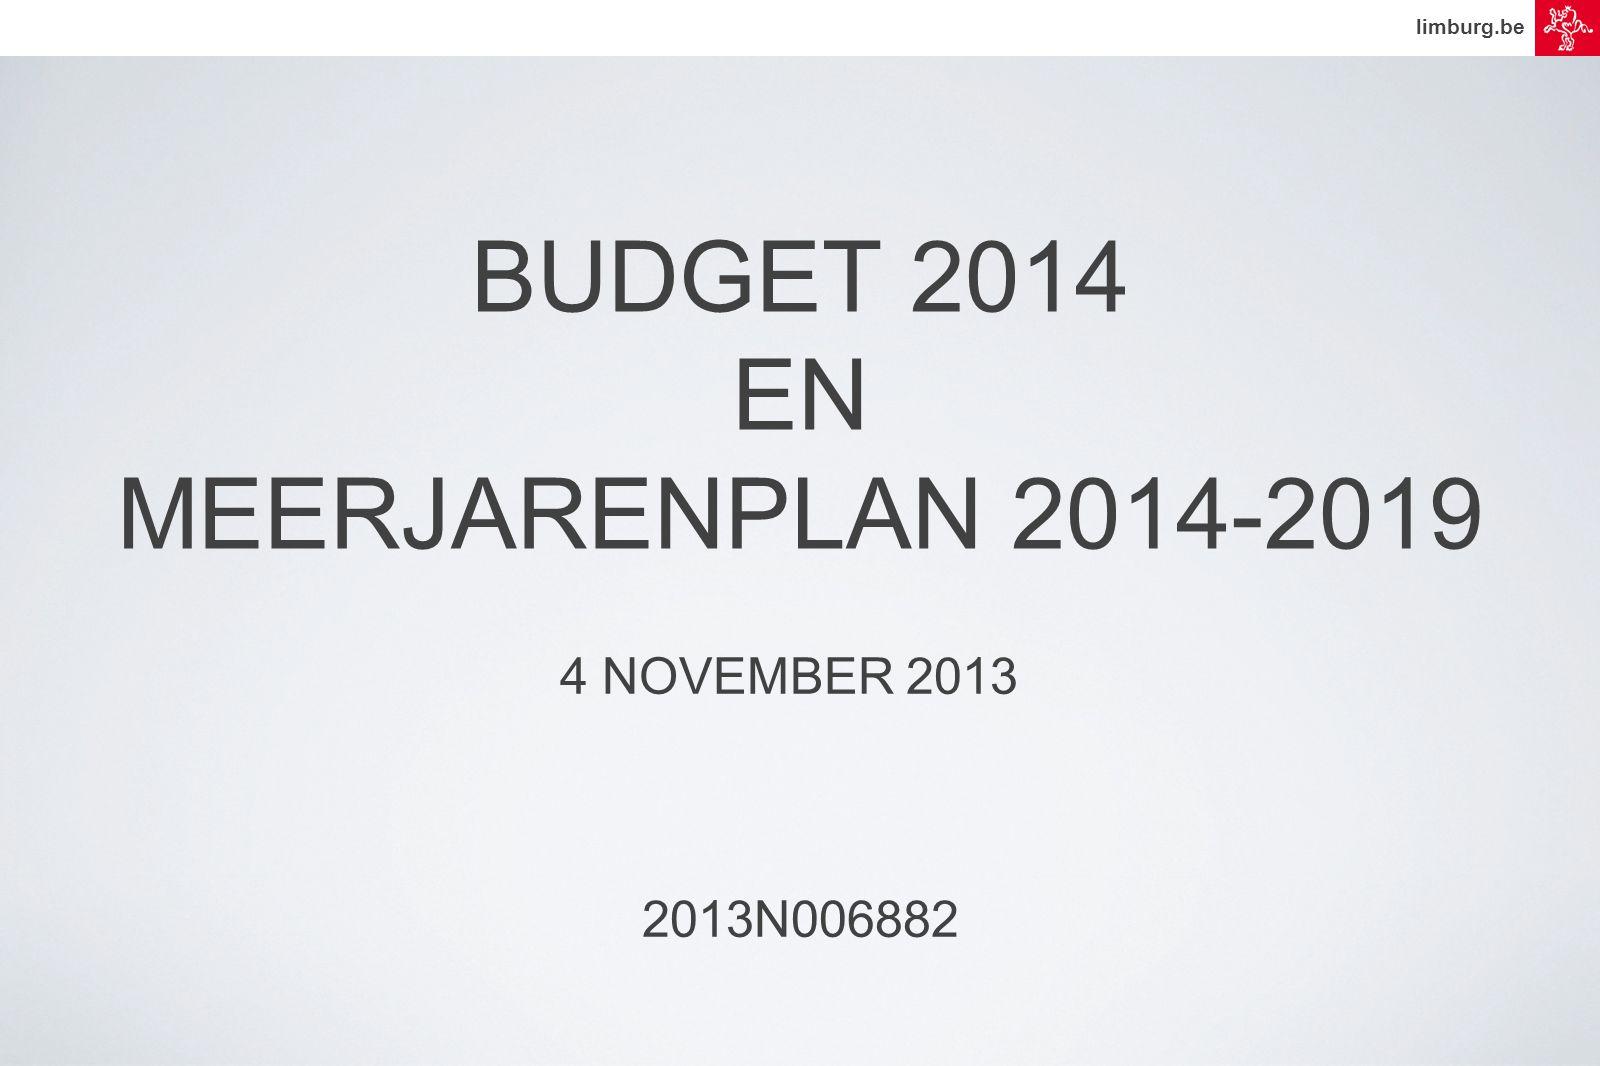 BUDGET 2014 EN MEERJARENPLAN 2014-2019 4 NOVEMBER 2013 2013N006882